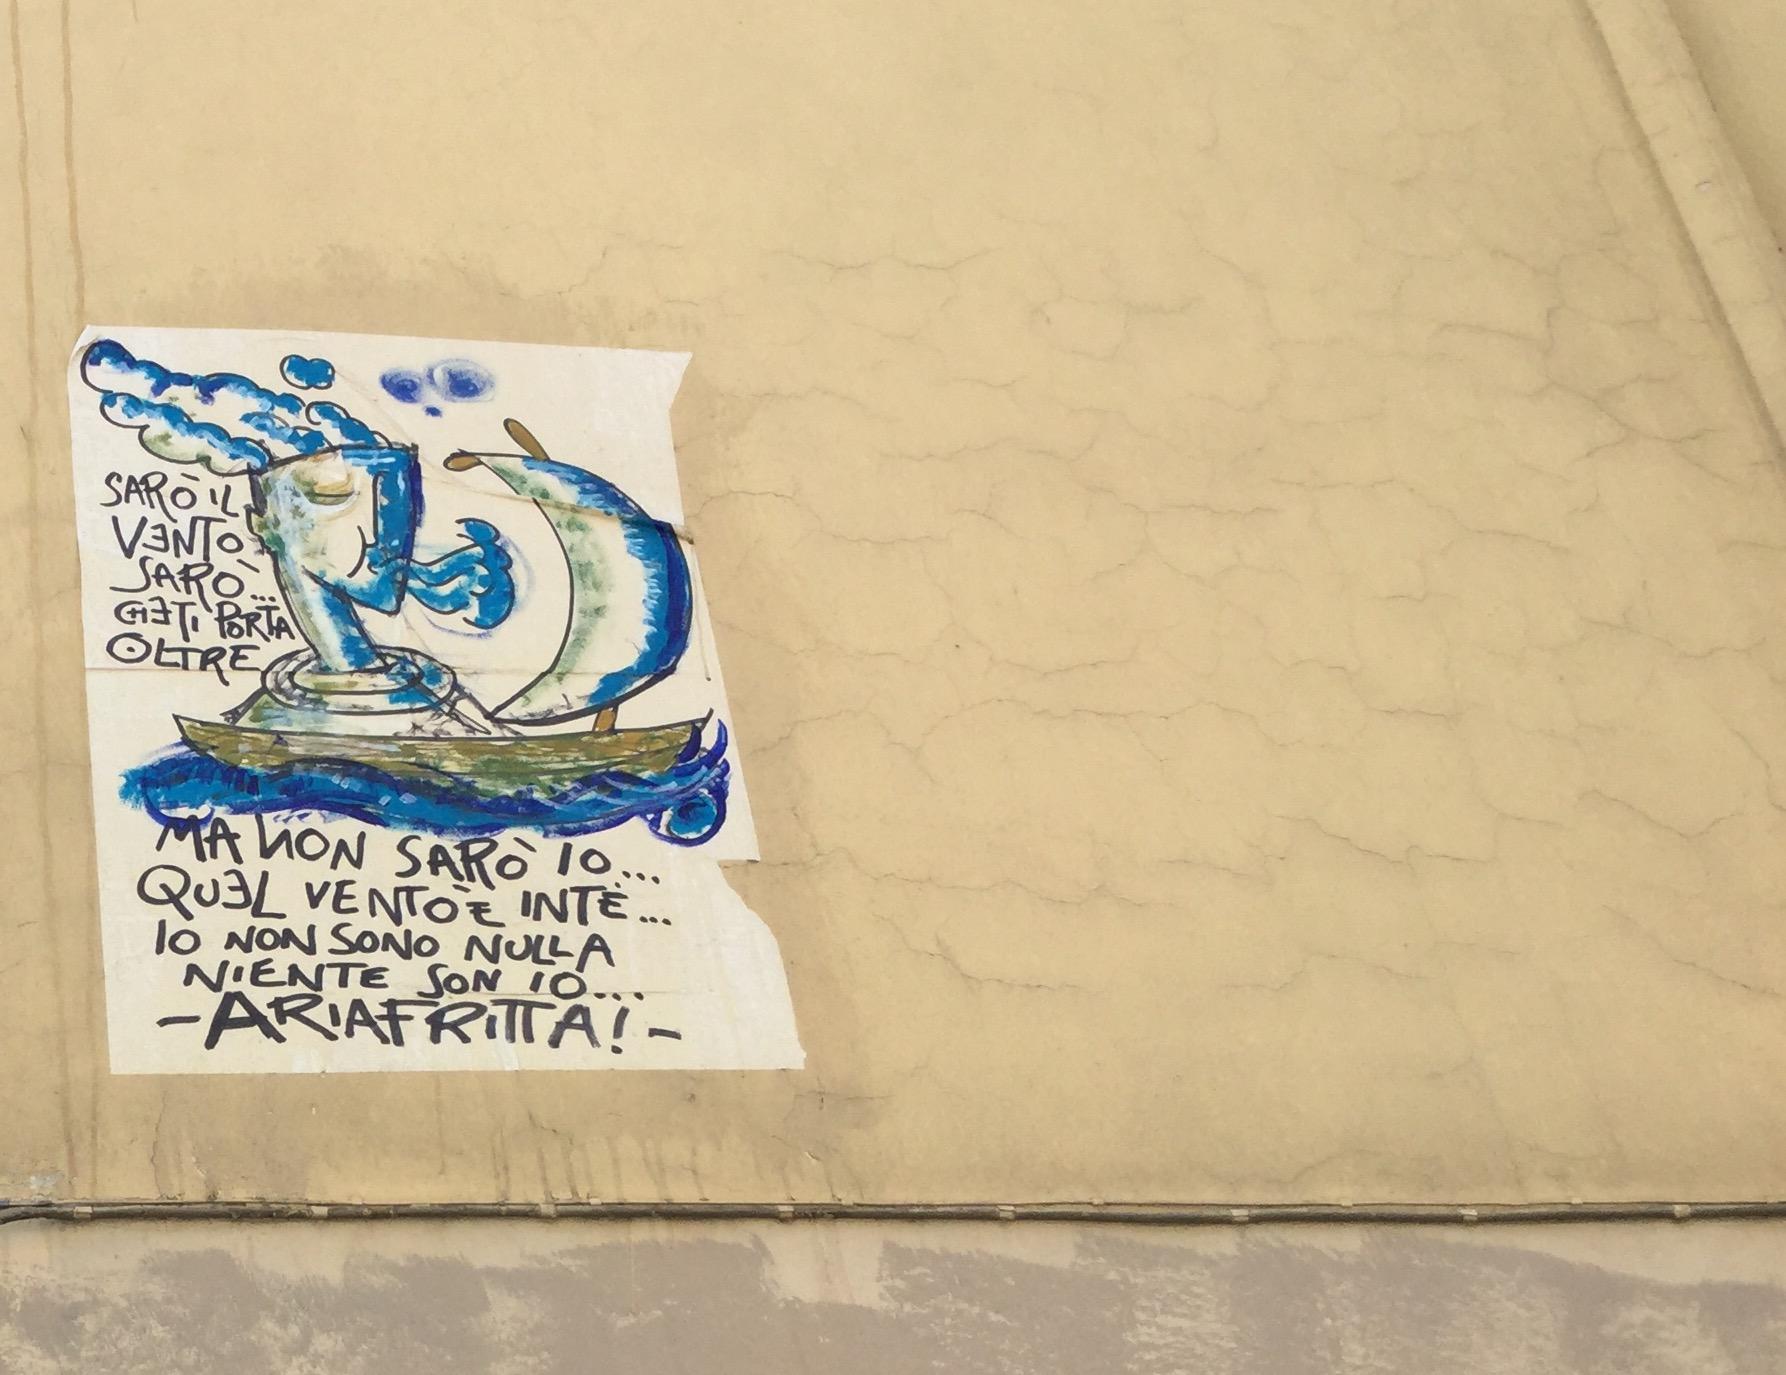 #elcegallery, la street art a Perugia